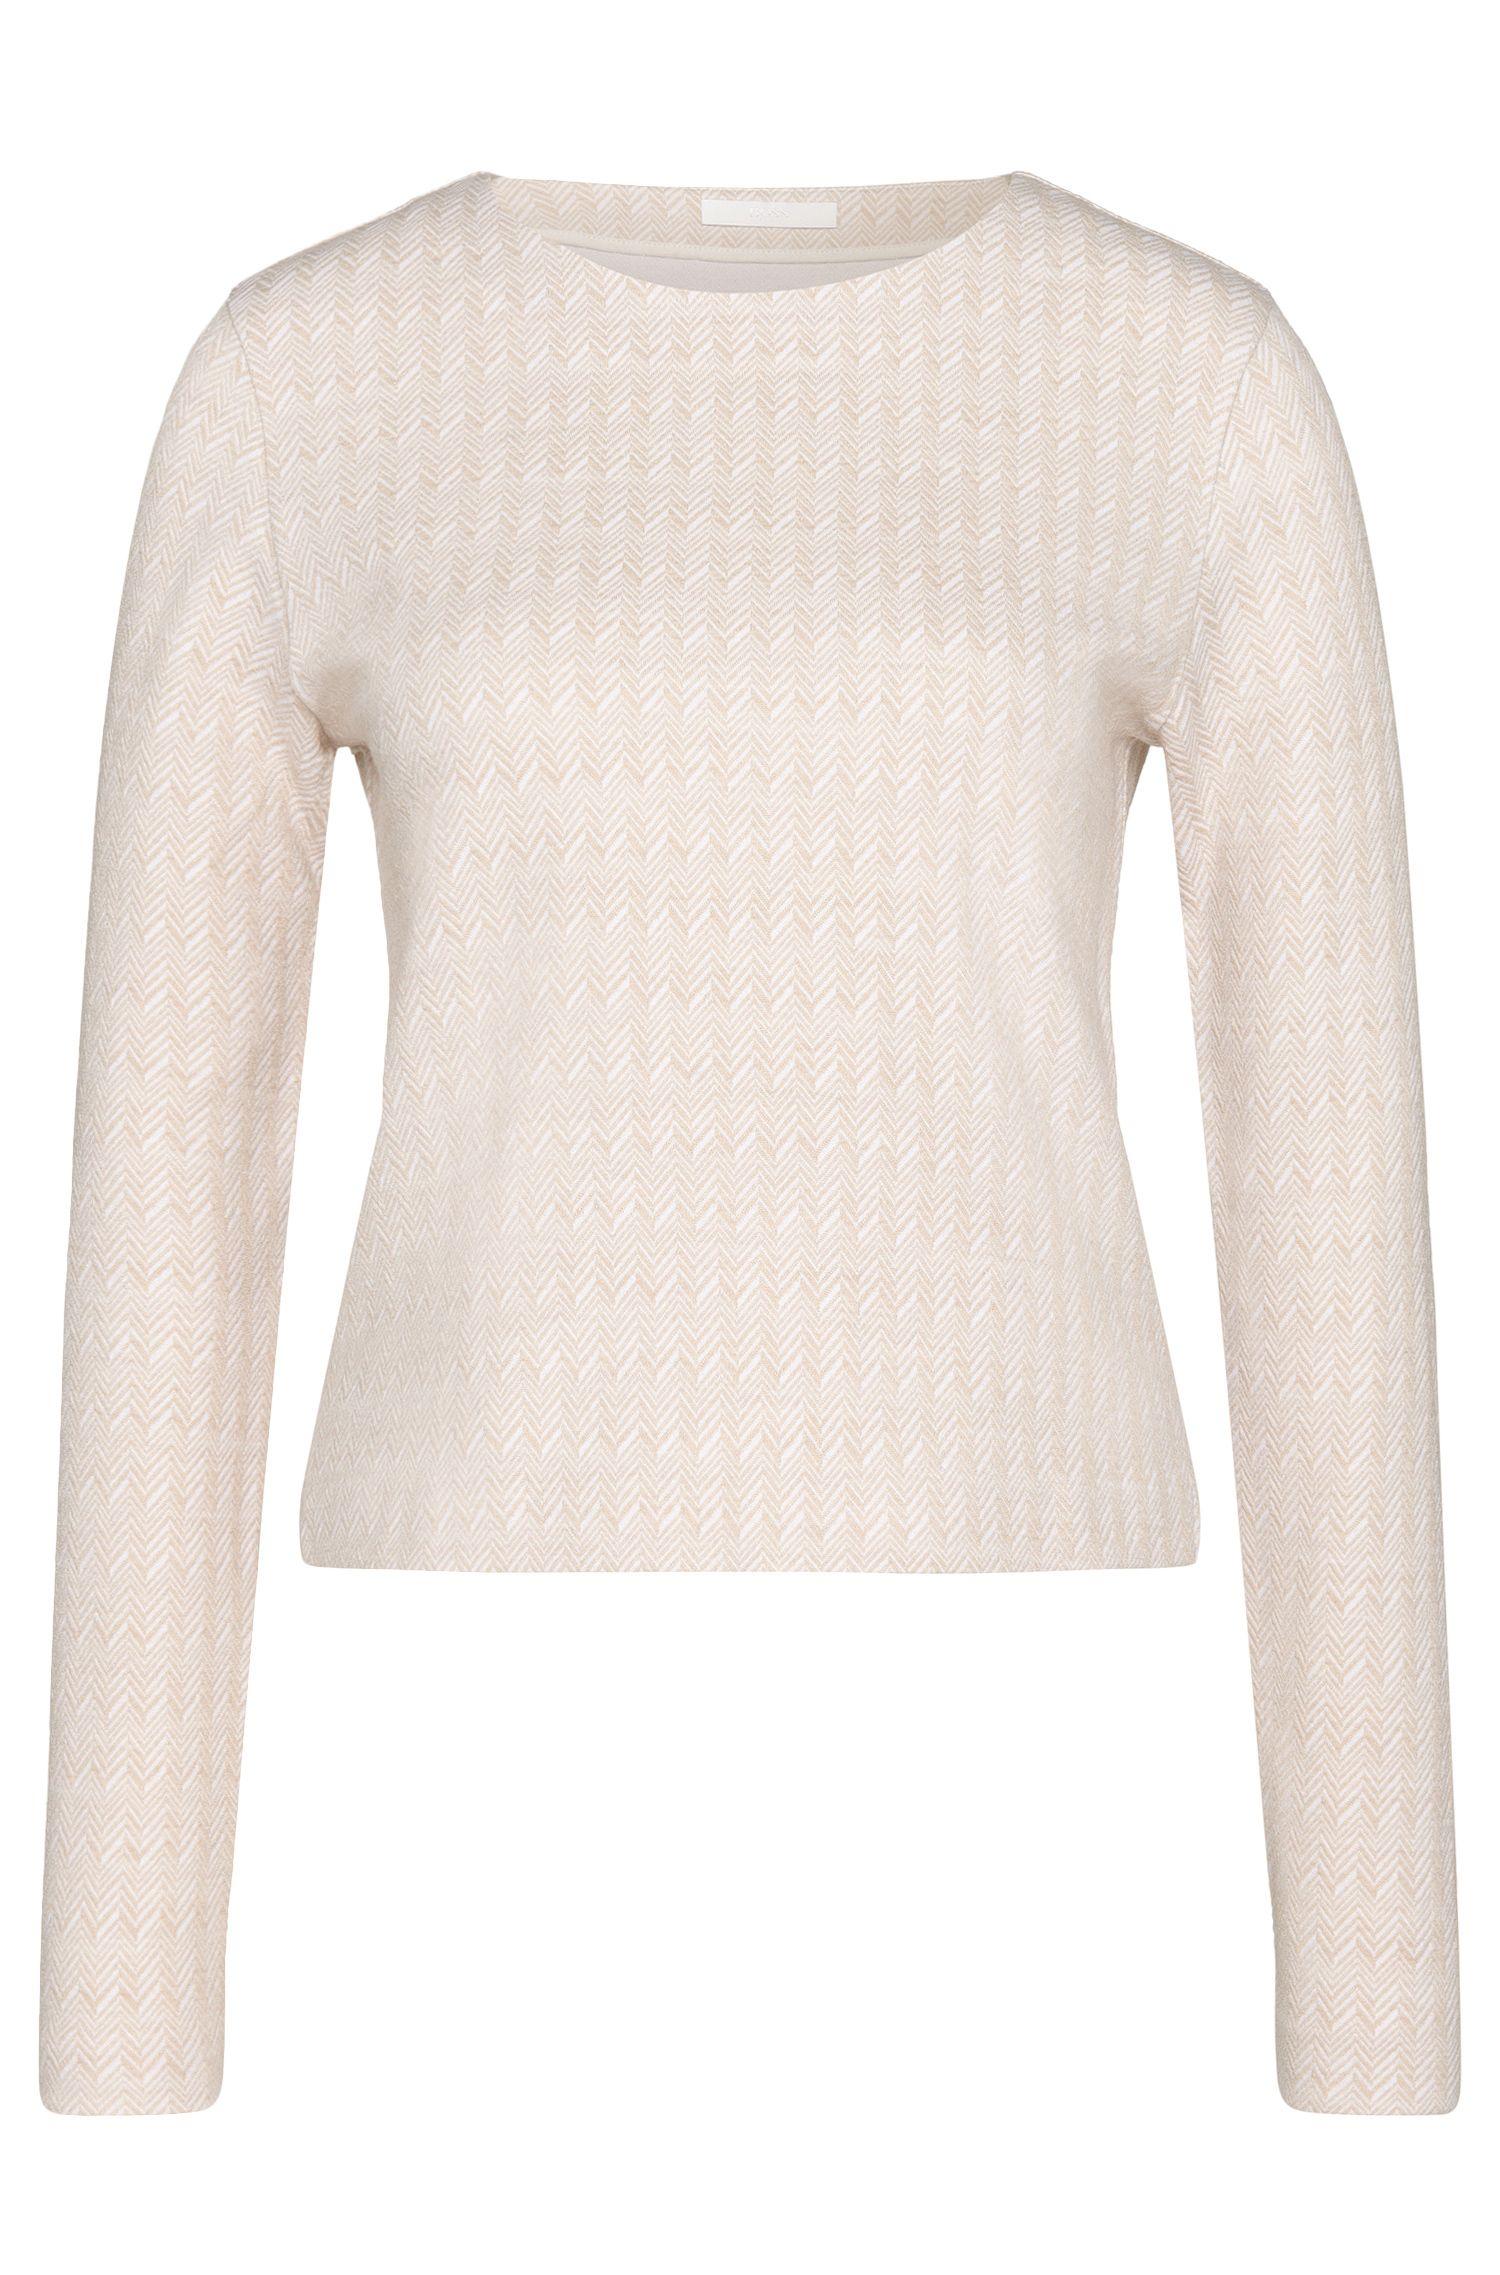 Sweatshirt aus Baumwoll-Mix mit Fischgrät-Muster: 'Enie'